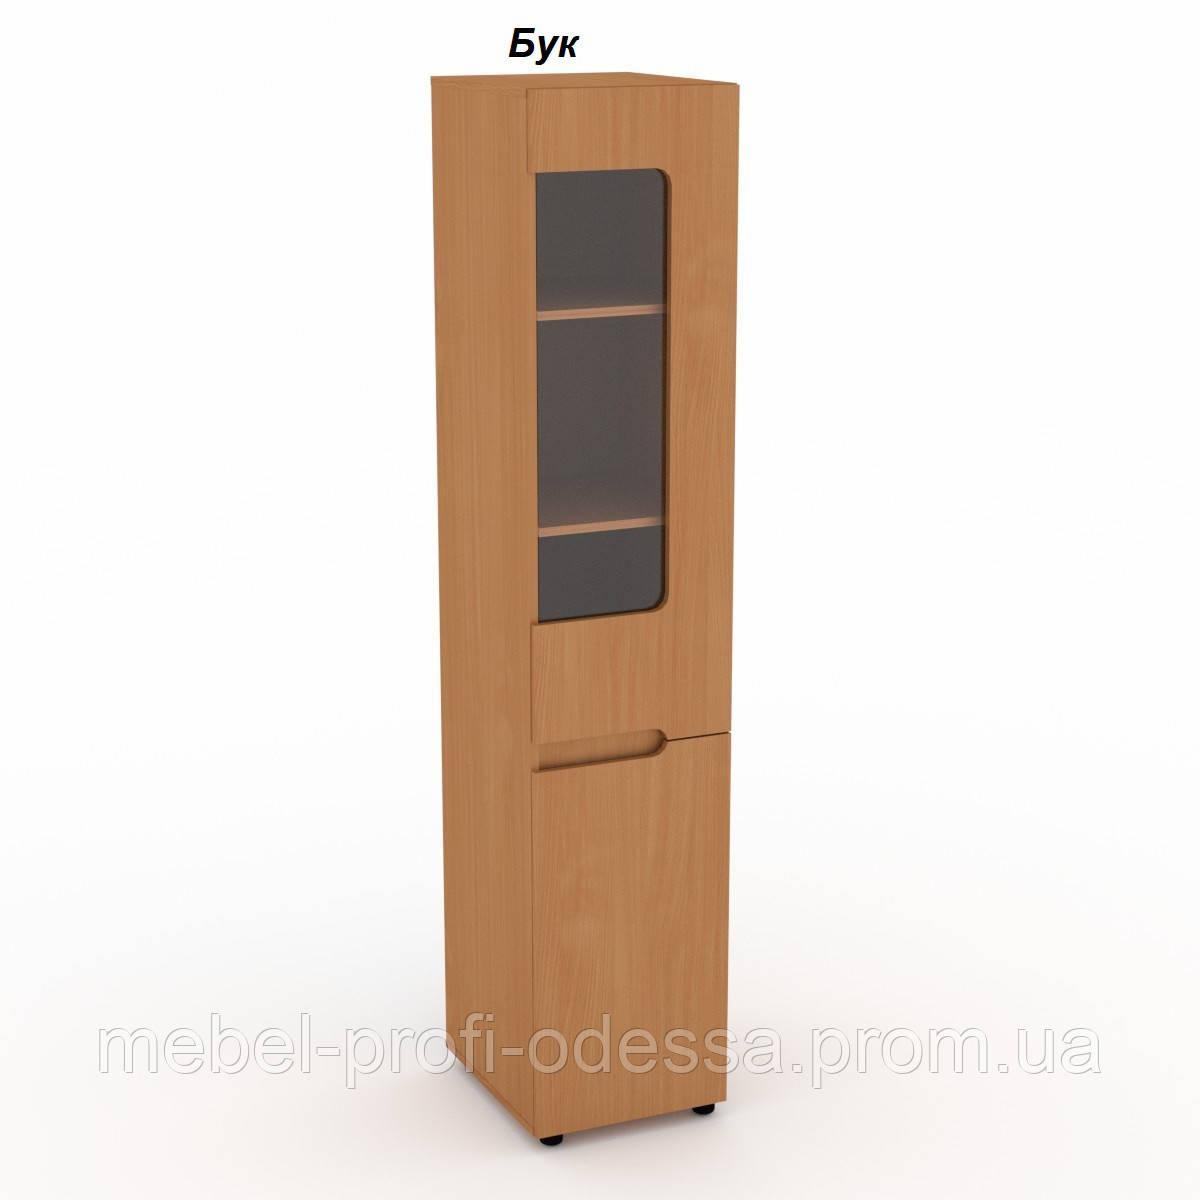 Шкаф 24 П ДСП Компанит Модульная система Стиль шкаф, витрина